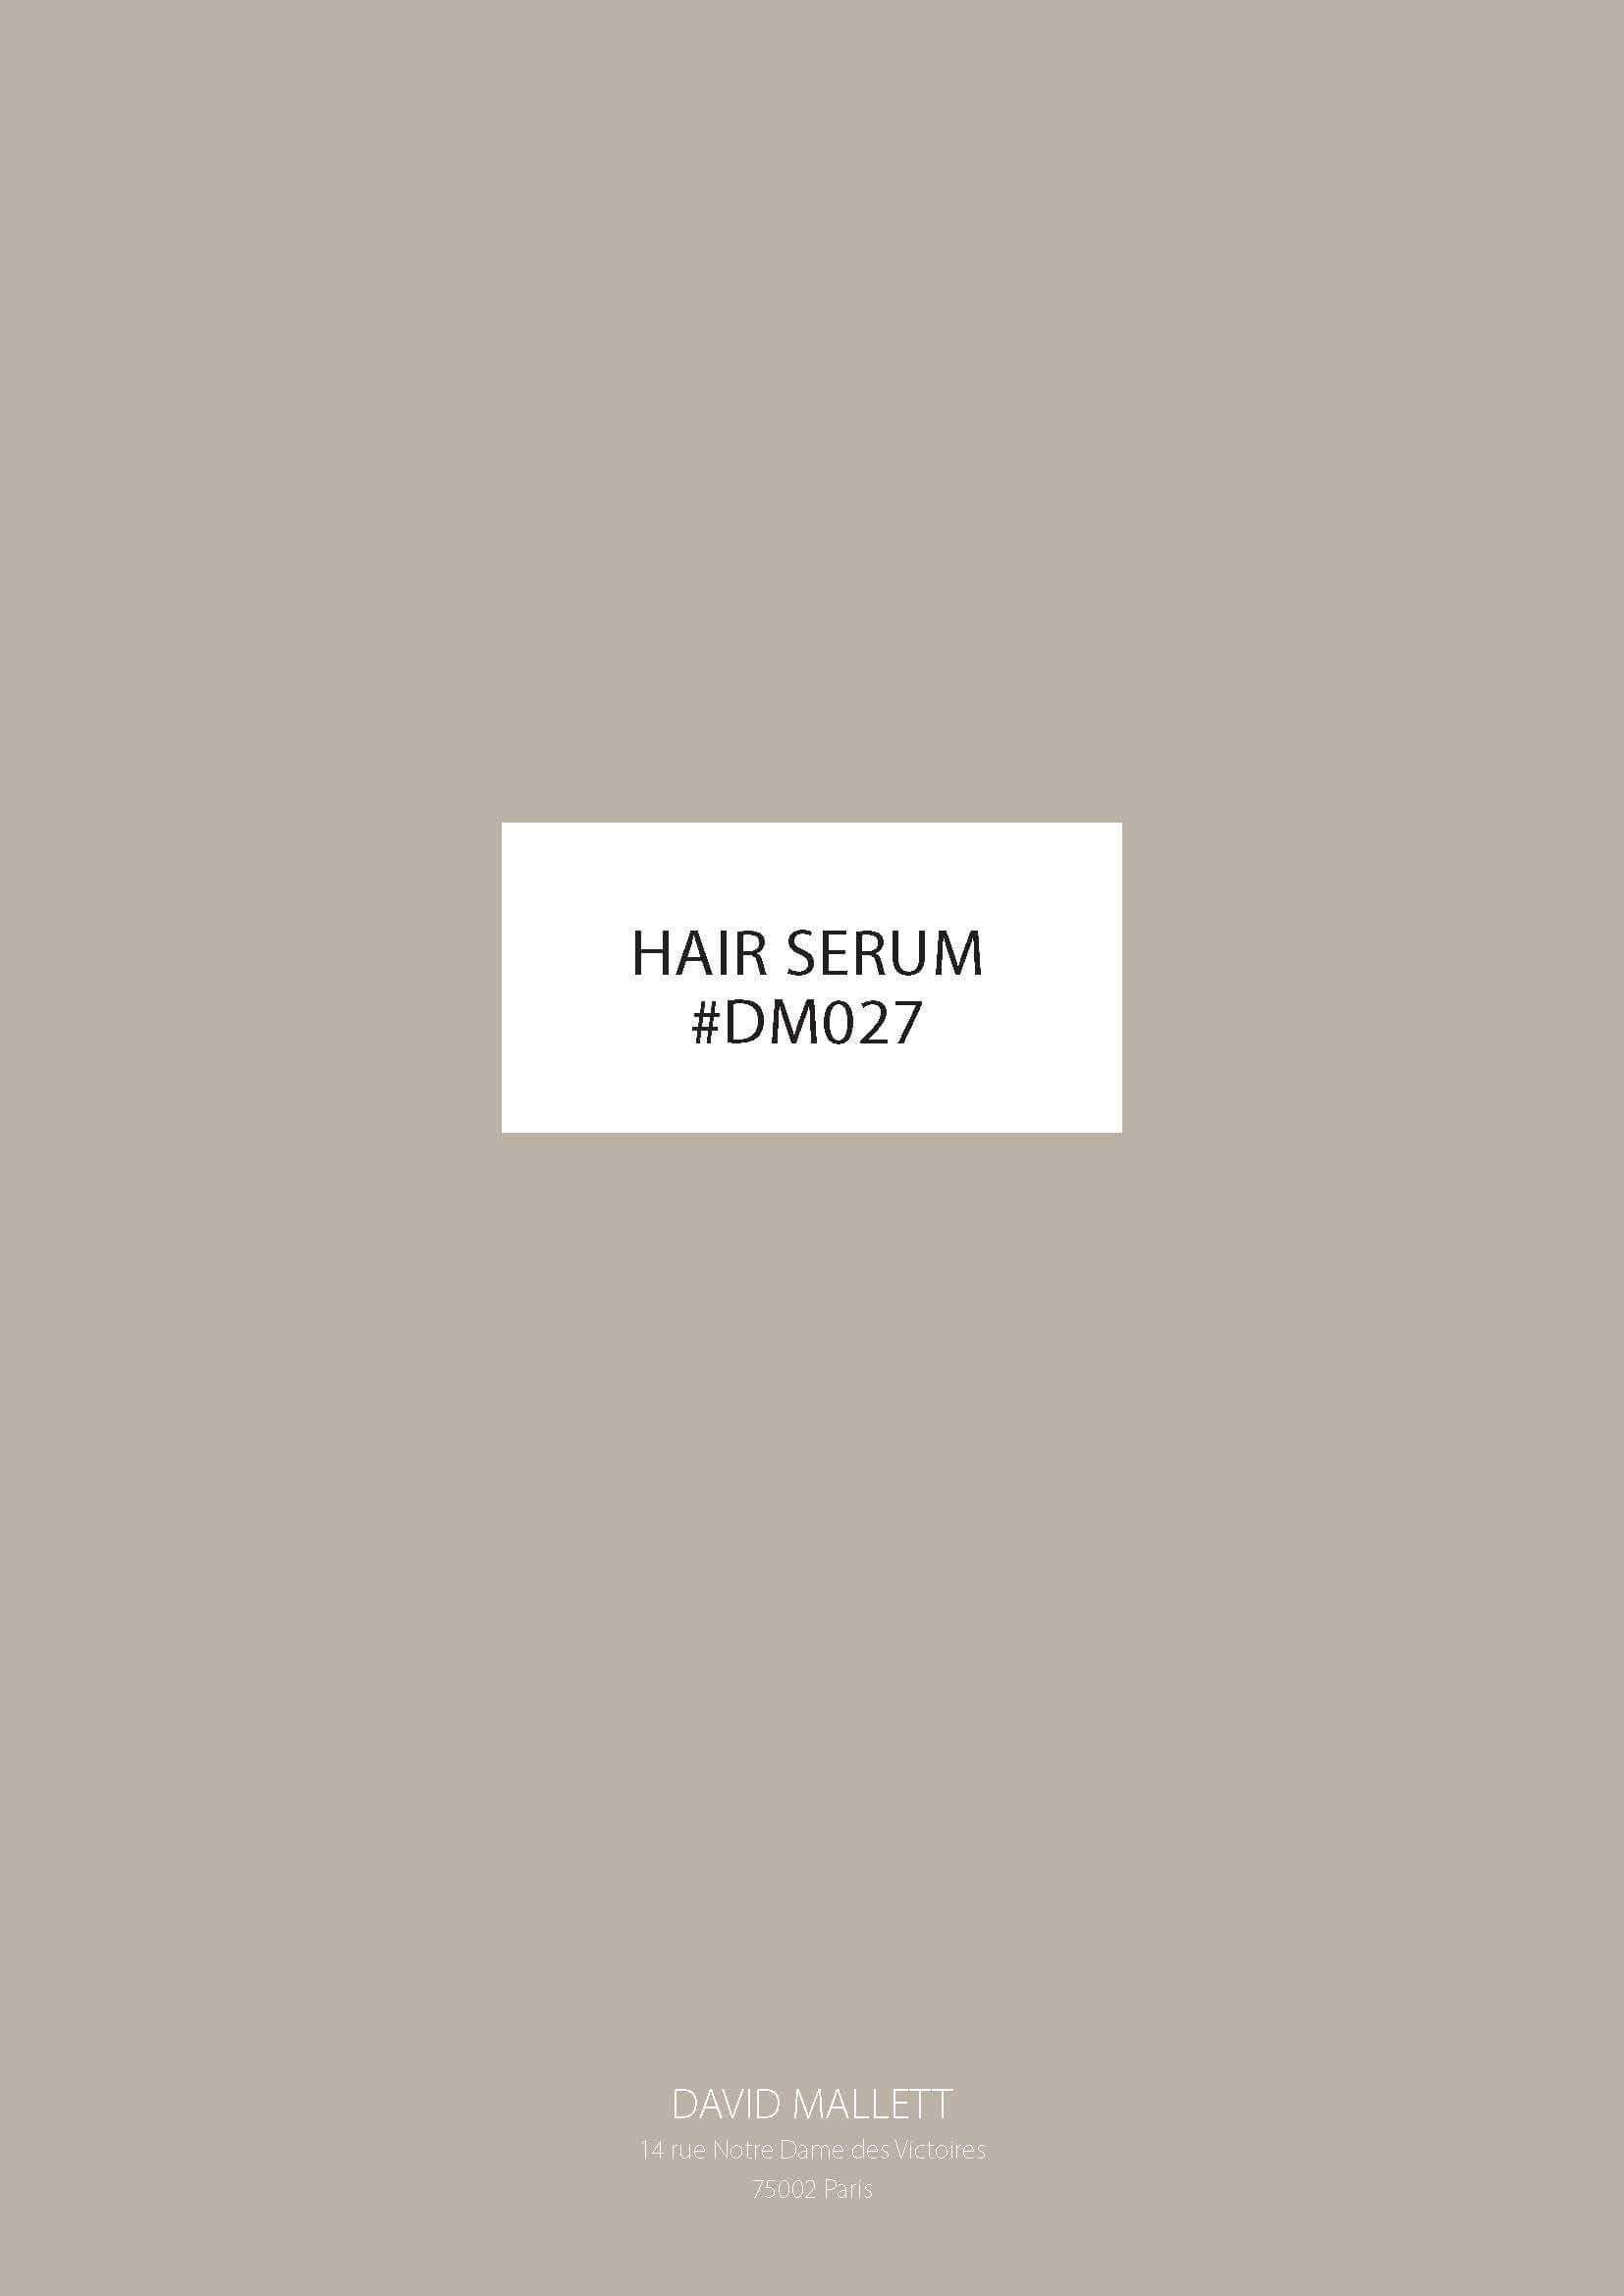 Hair Serum ENG